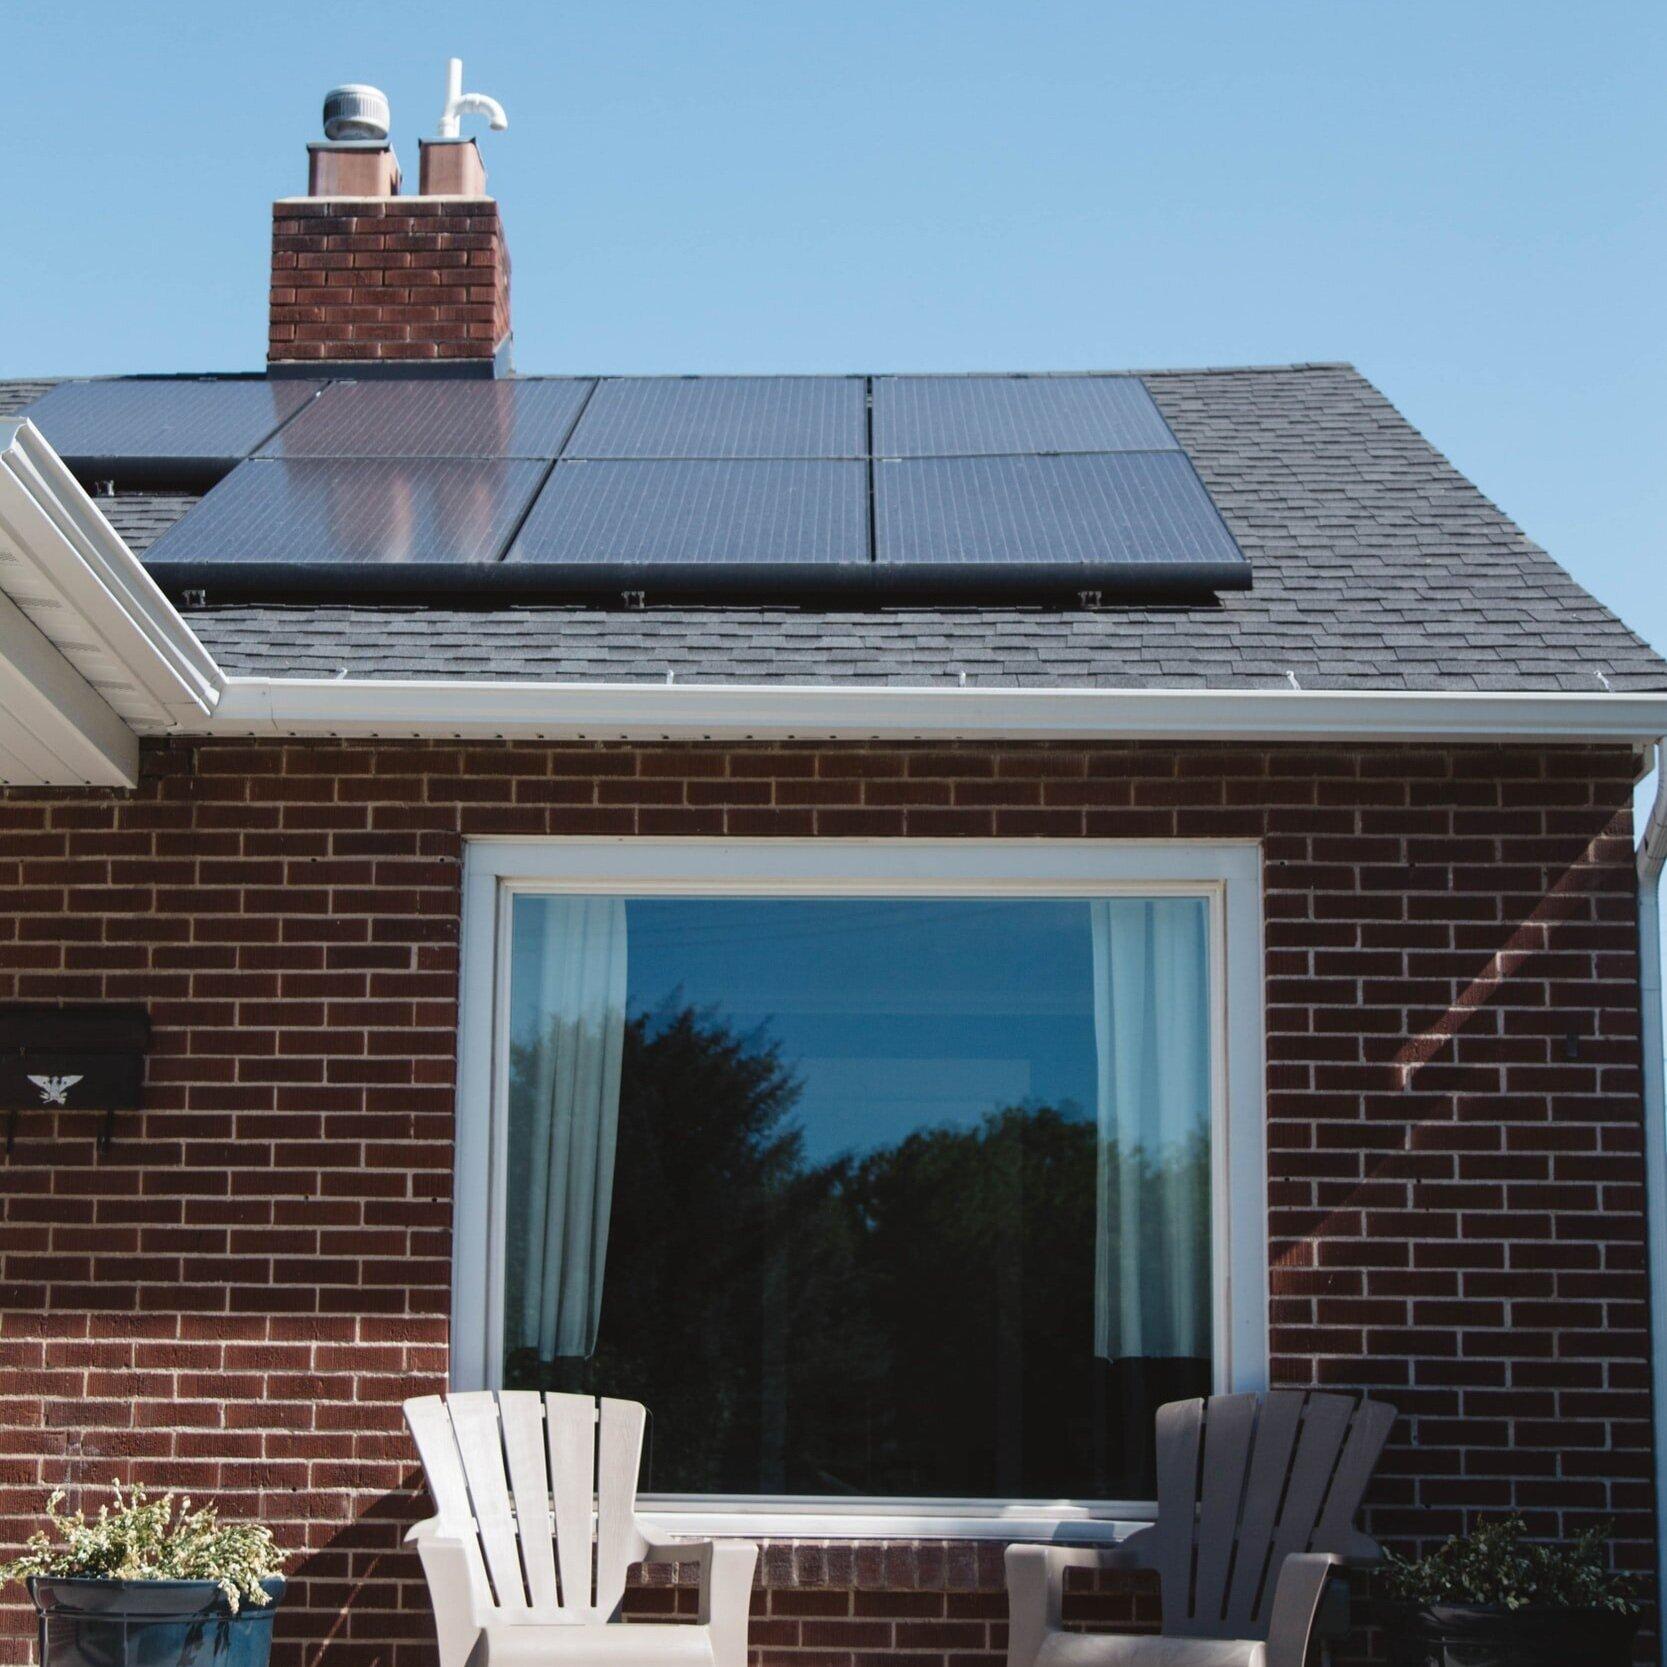 solar Atlanta - 全社区的计划(完成) solar Atlanta是一个以社区为基础的太阳能团体采购活动,使亚特兰大居民更能负担得起和获得太阳能. 太阳活动利用群众的力量来拯救一些主要的绿色,同时住宅和企业也变得绿色.这是Solar CrowdSource的联合项目, 环境格鲁吉亚, GIPL, 亚特兰大进步中心, 亚特兰大, 塞拉俱乐部, USGBC格鲁吉亚, 宜居的鹿头社区, 和Southface.